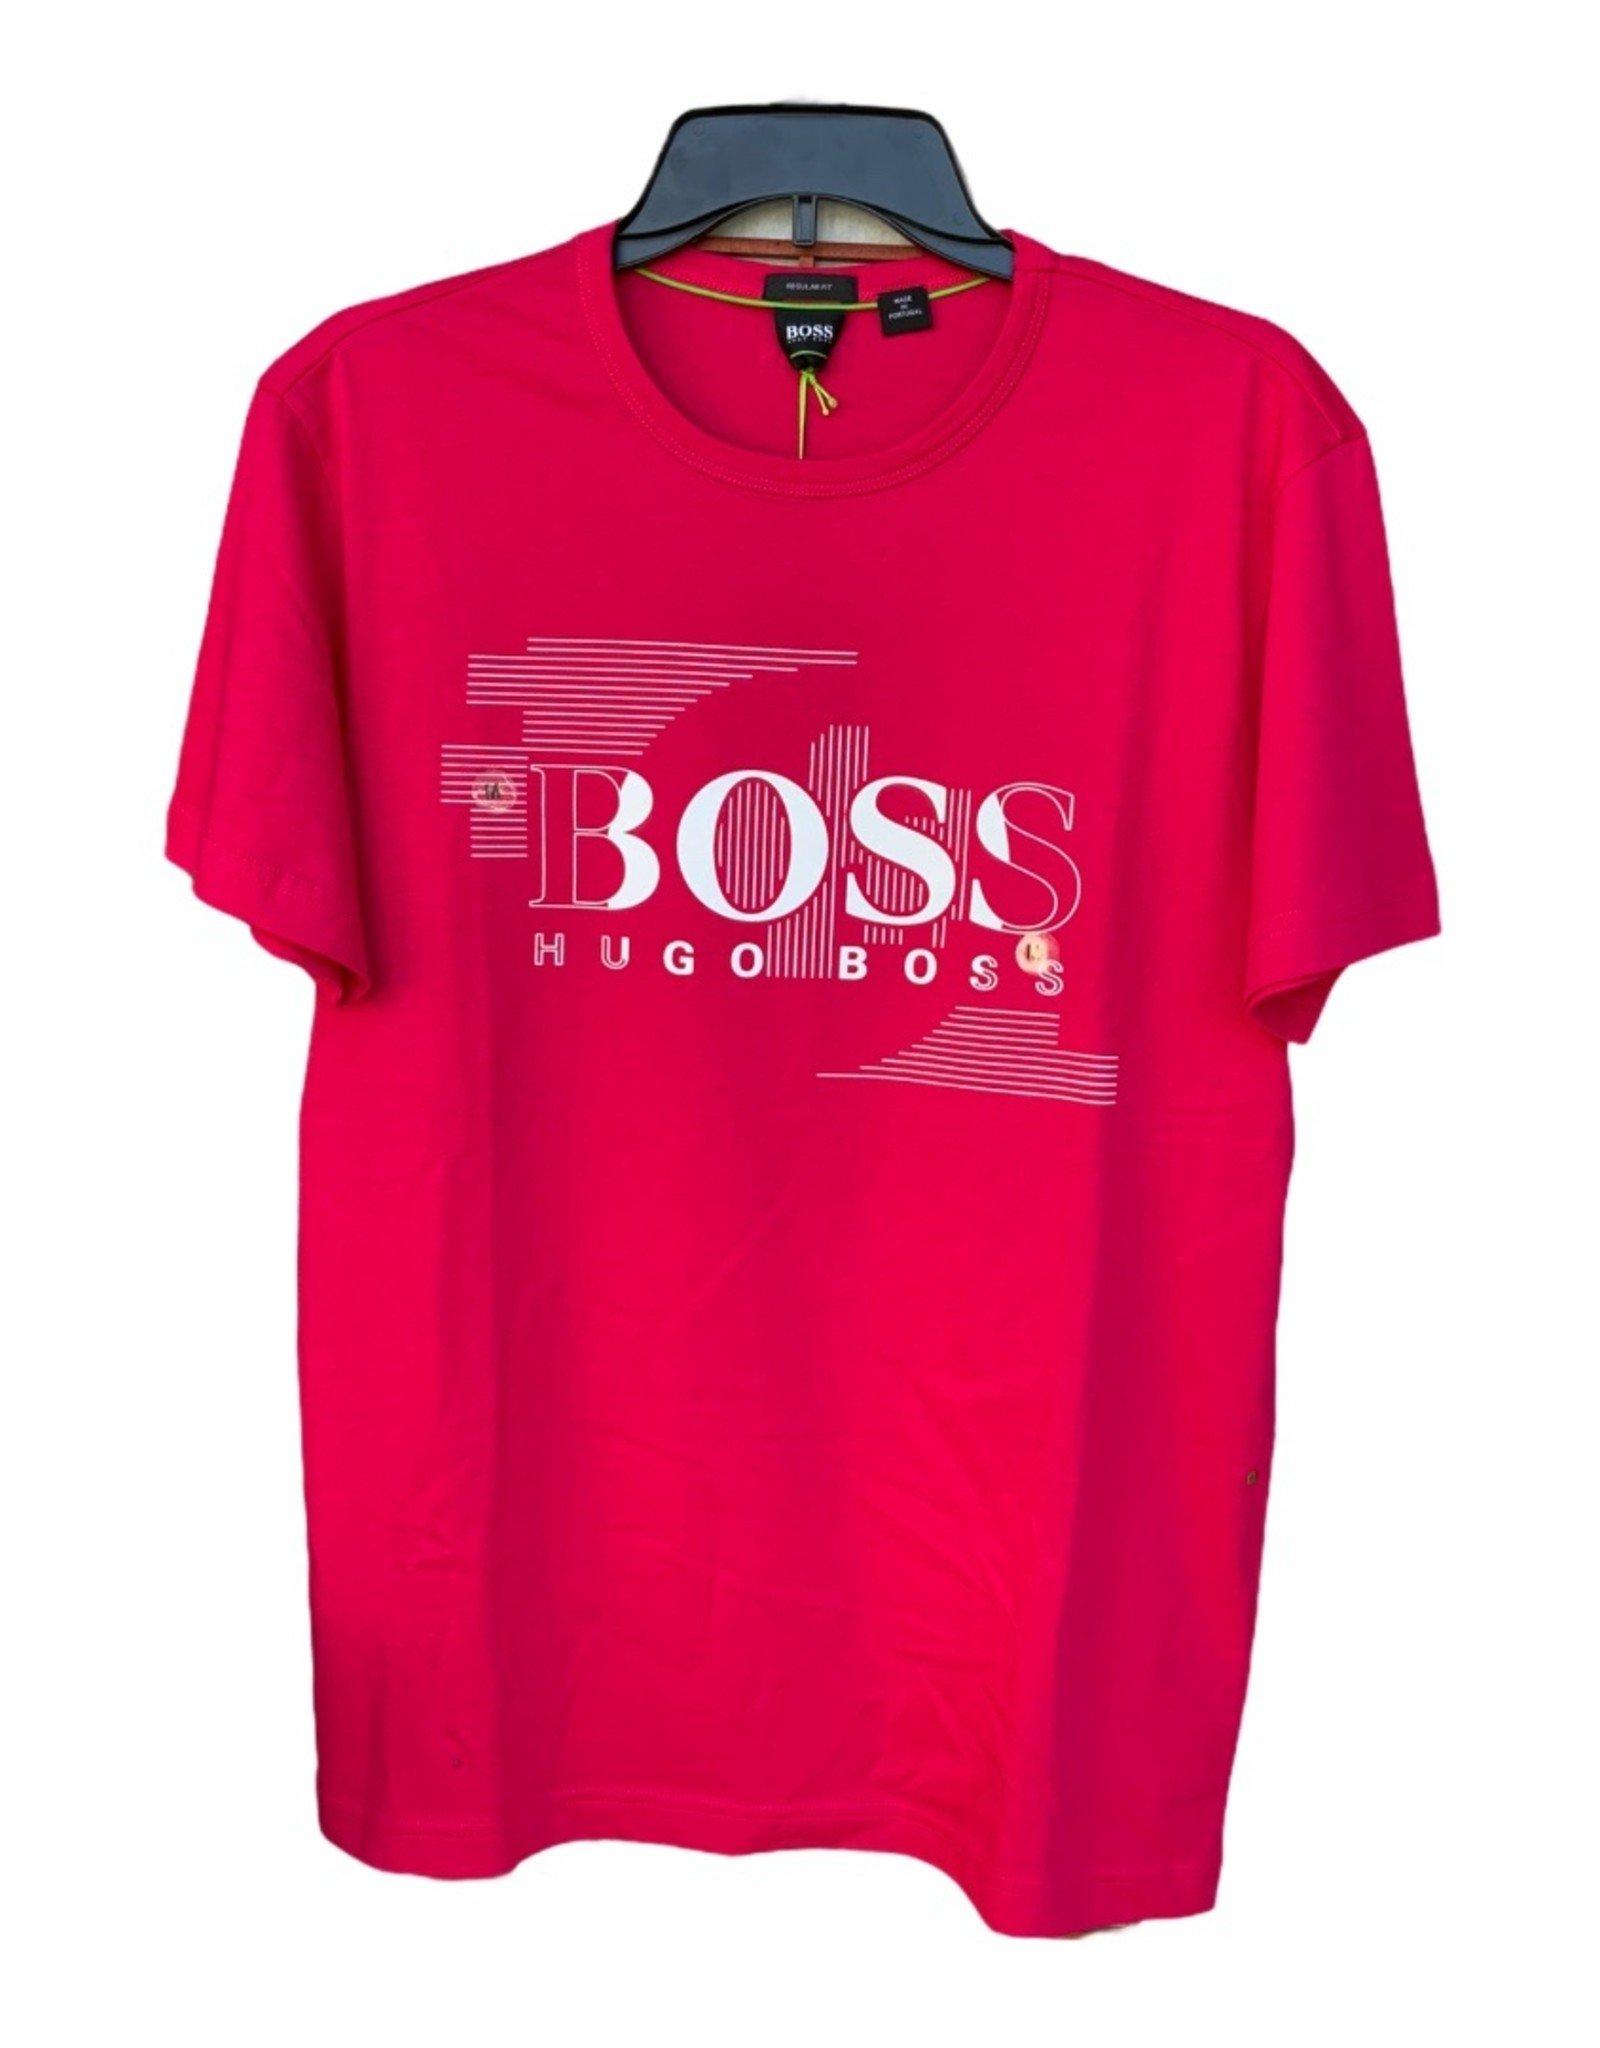 Hugo Boss Hugo Boss Tee Graphic